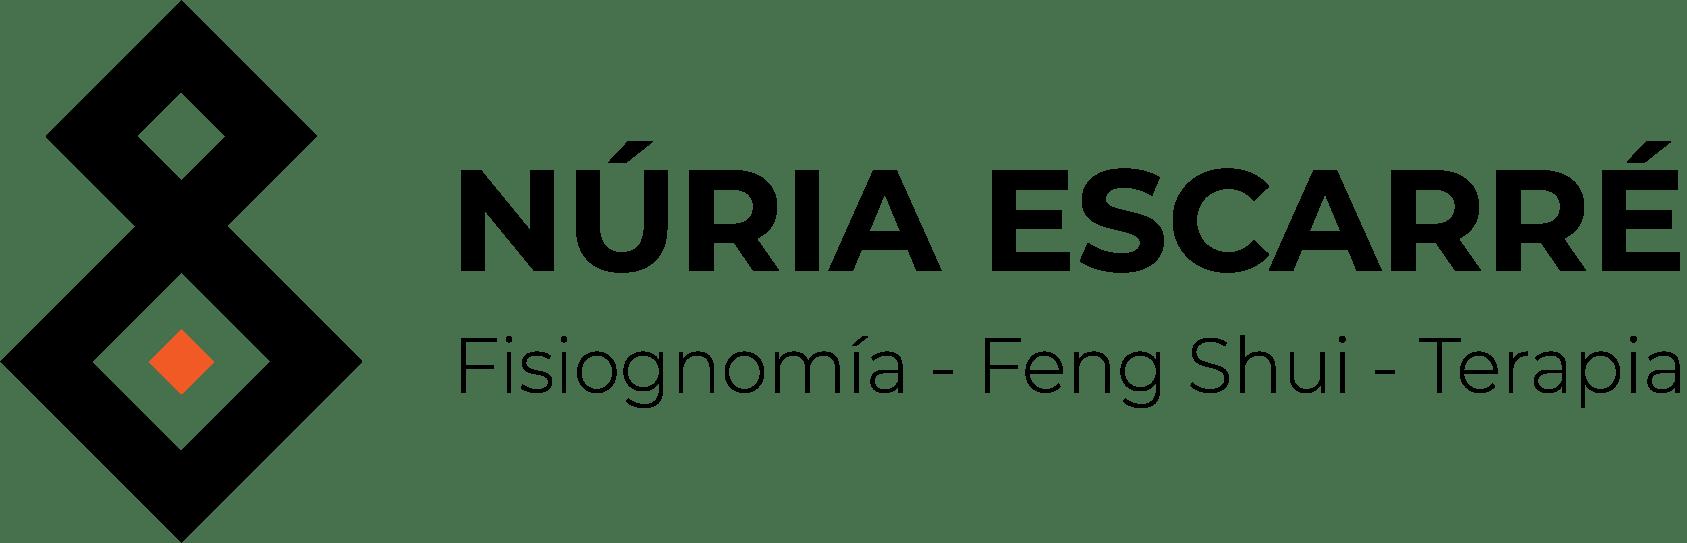 Núria Escarré